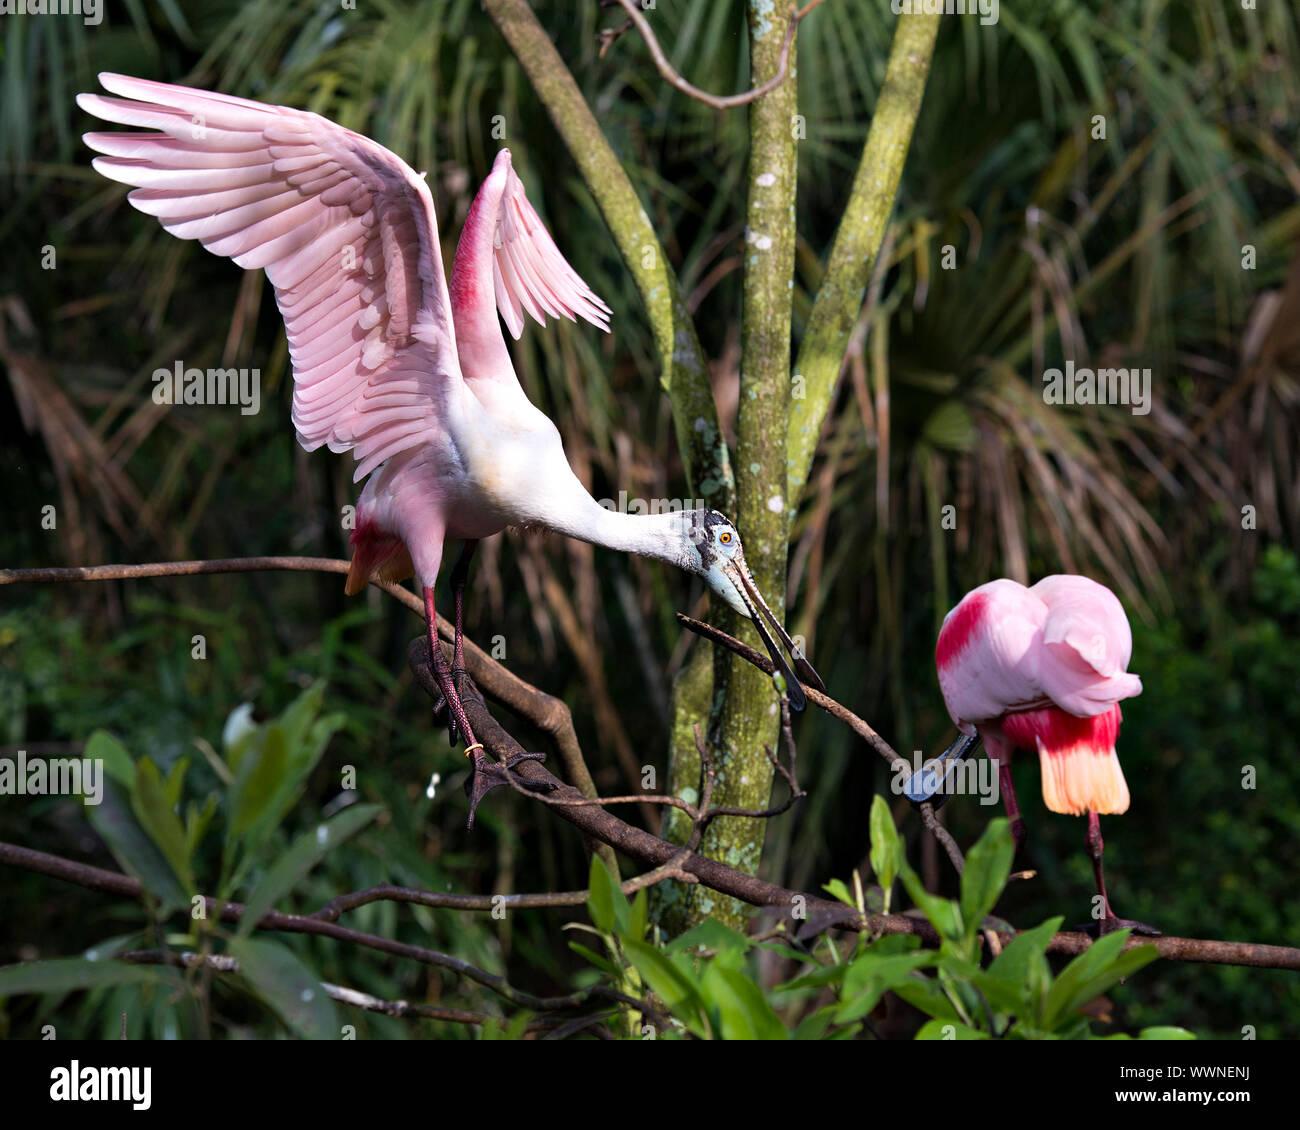 Roseate Spoonbill couple d'oiseaux dans la parade nuptiale se perchent sur profiter de ses branches et de l'environnement environnant. Banque D'Images